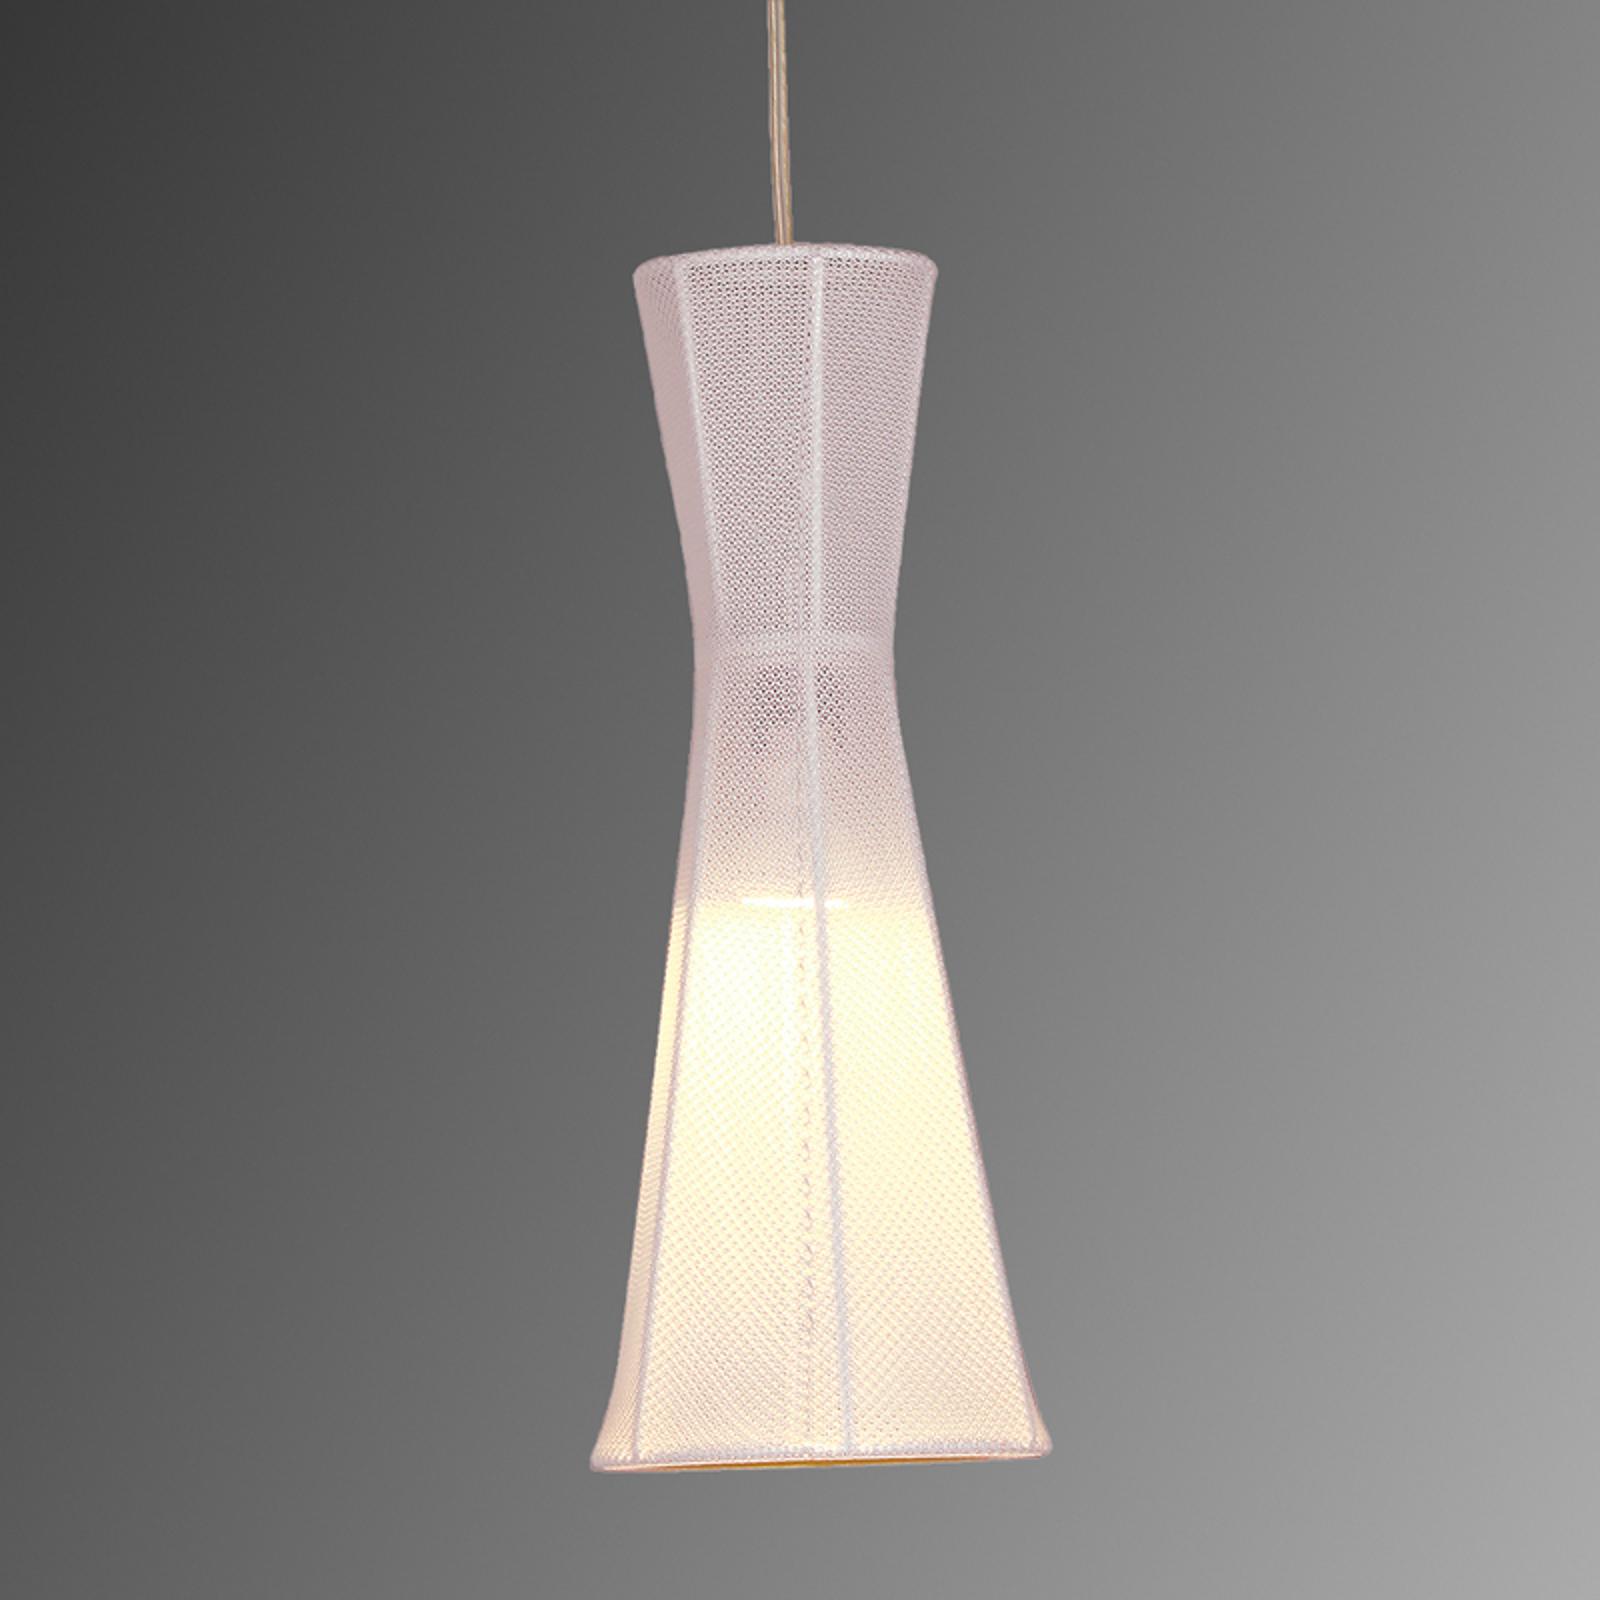 Felice-LED-riippuvalaisin, valkoinen, 40 cm